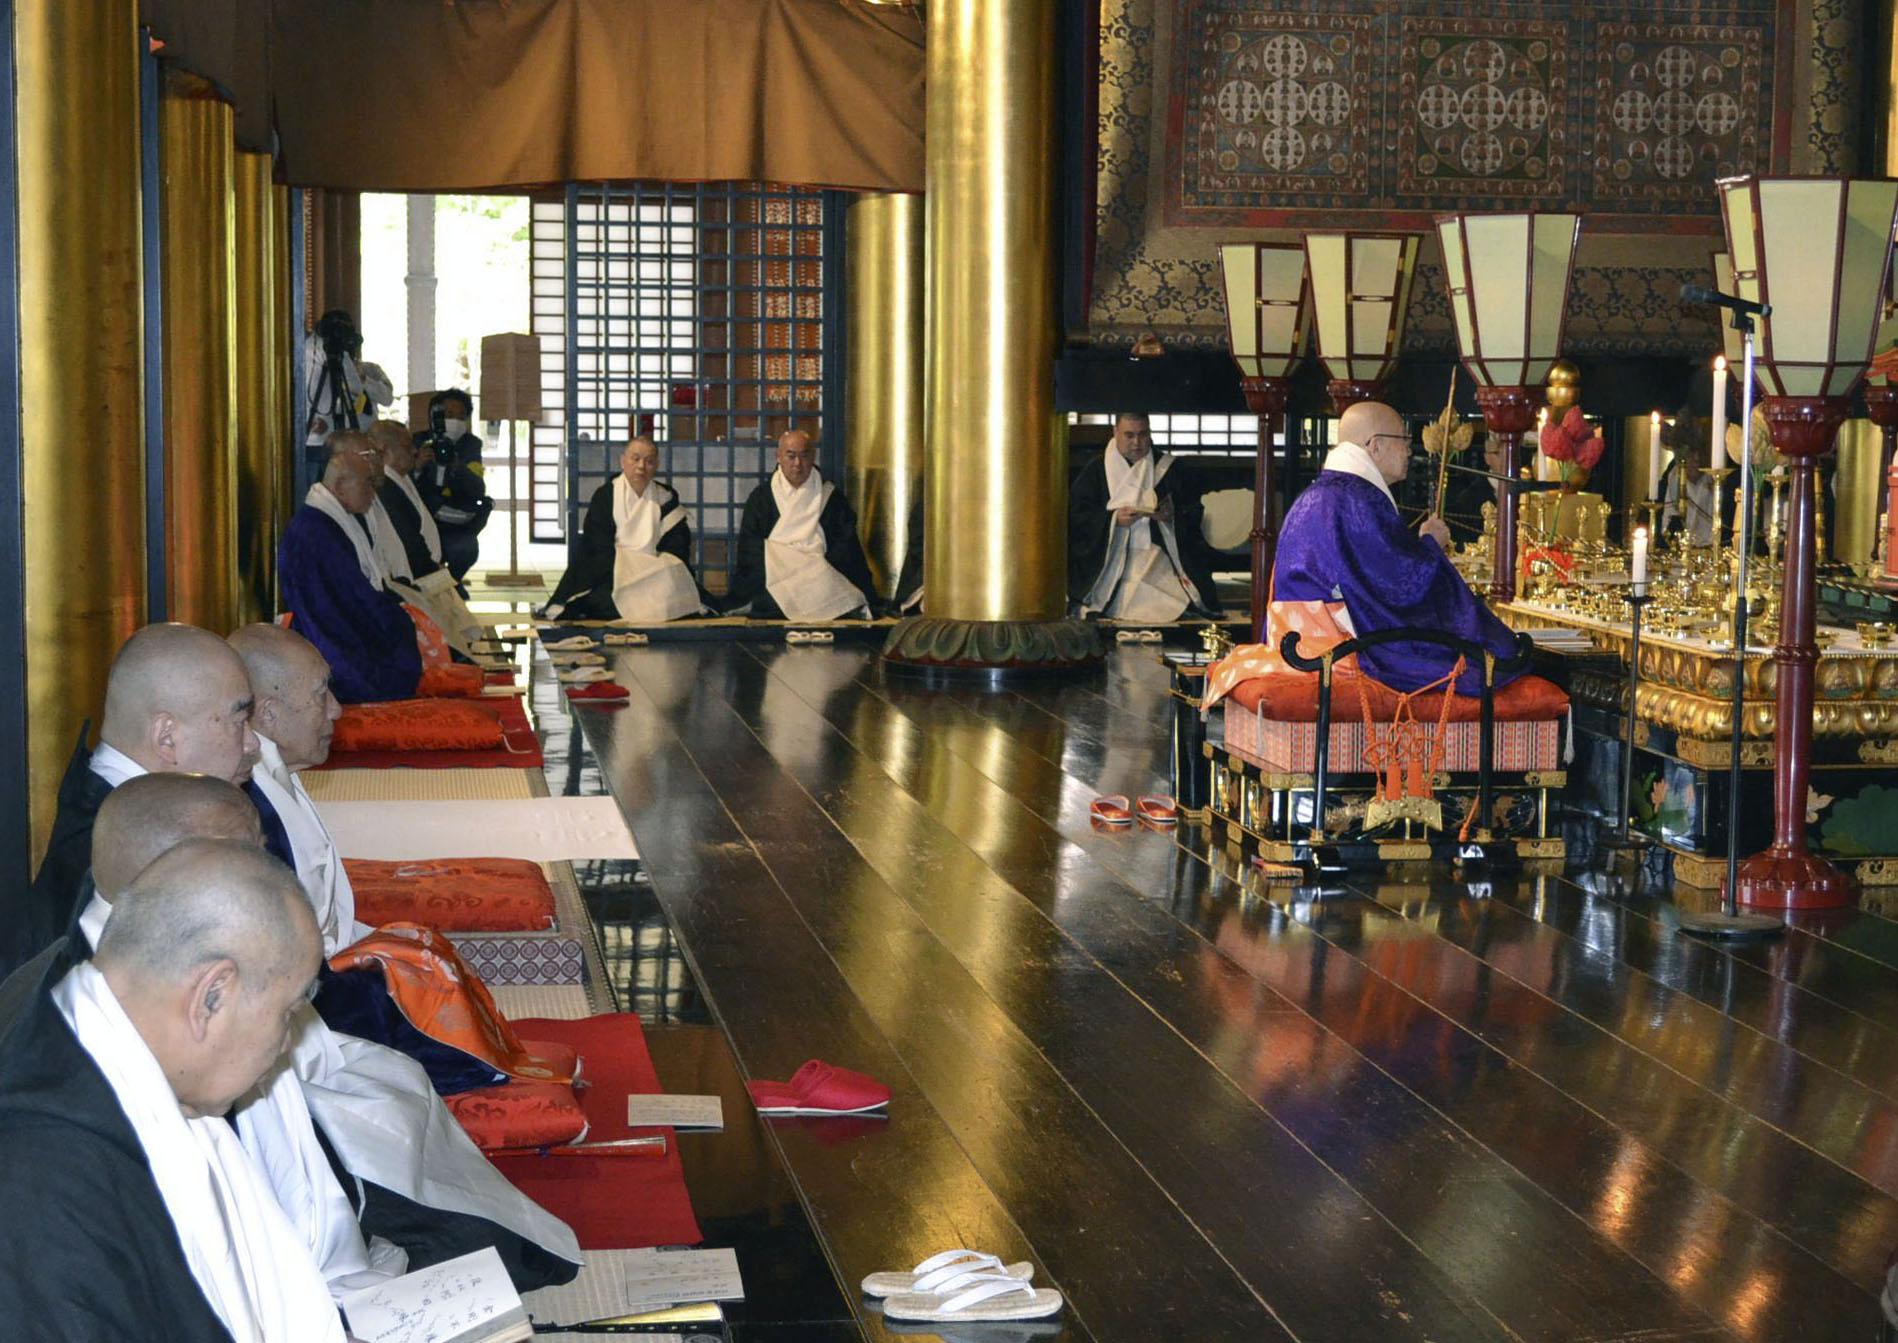 高野山壇上伽藍の金堂で営まれた物故者追悼法会=3日、和歌山県高野町